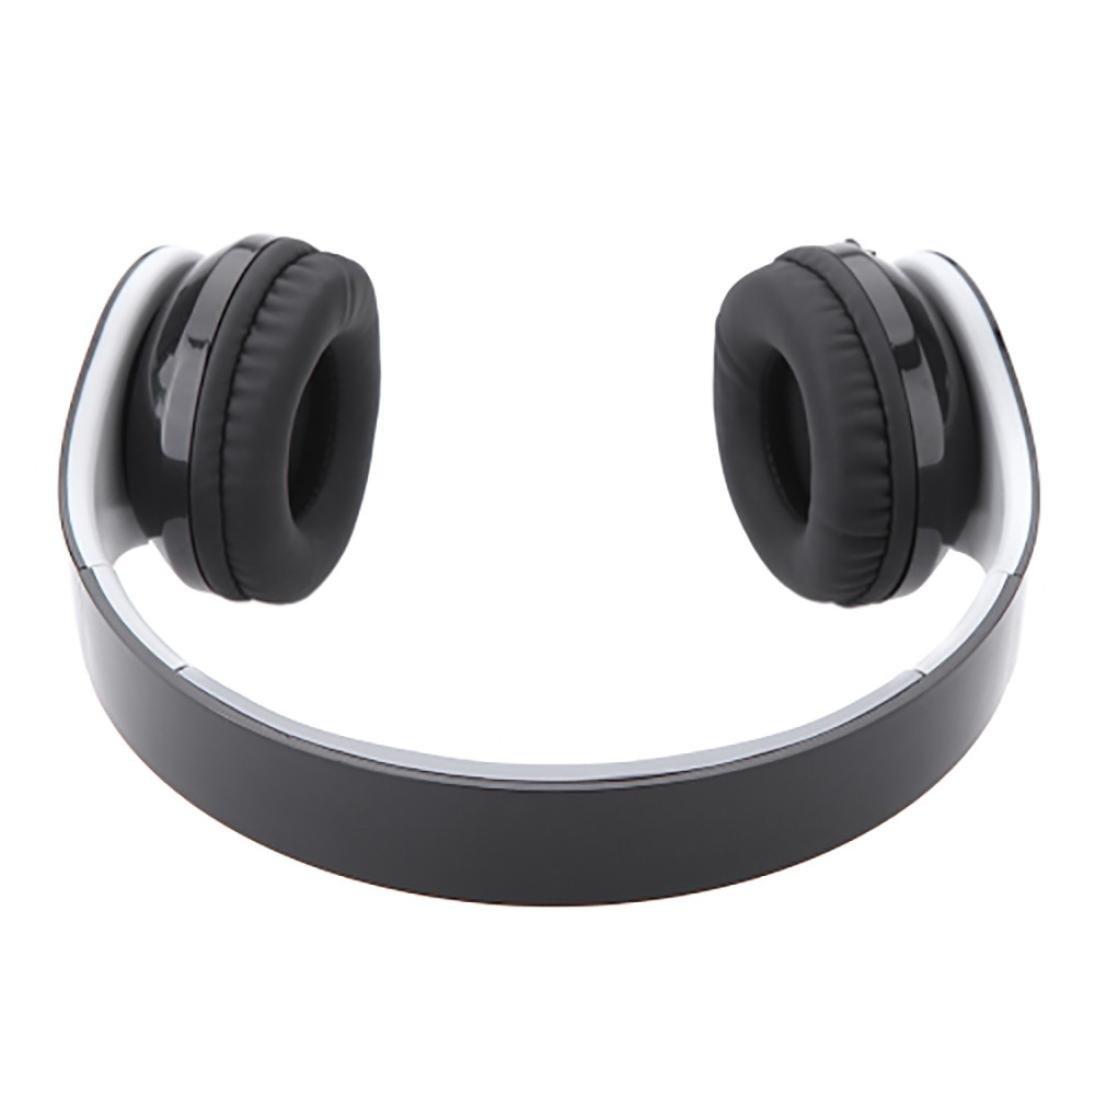 dreamyth Kinganda inalámbrica Bluetooth auriculares estéreo auricular con receptor USB para PS4 juego PC, Negro: Amazon.es: Deportes y aire libre